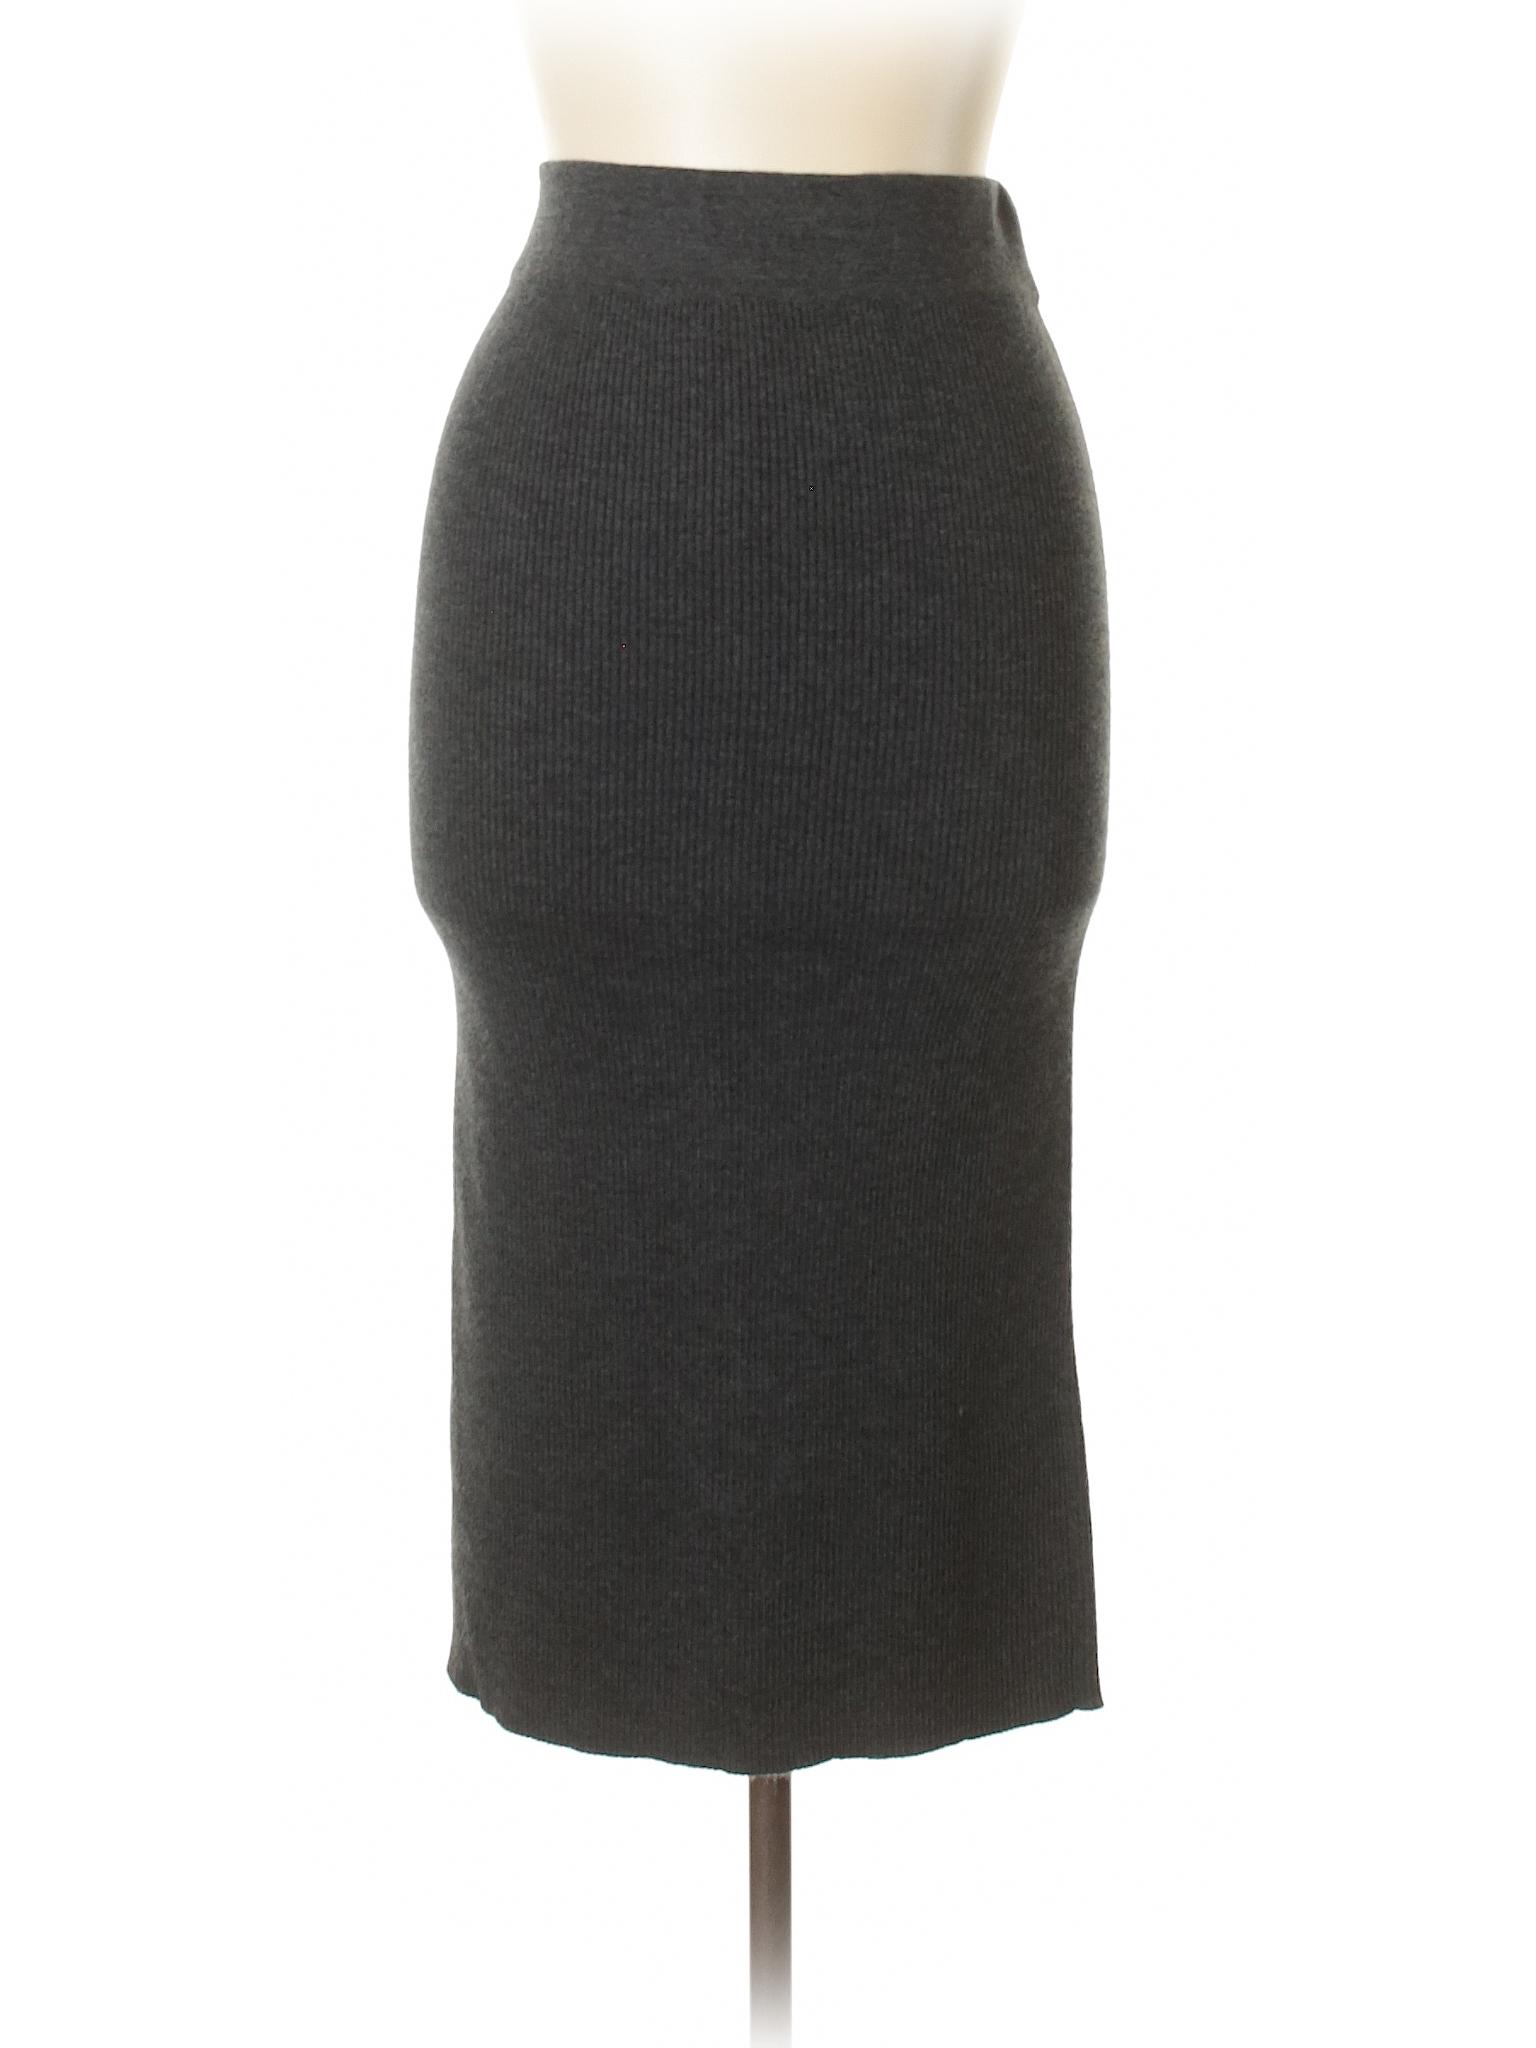 Ann Casual Leisure Skirt Taylor Boutique Cq6pxX